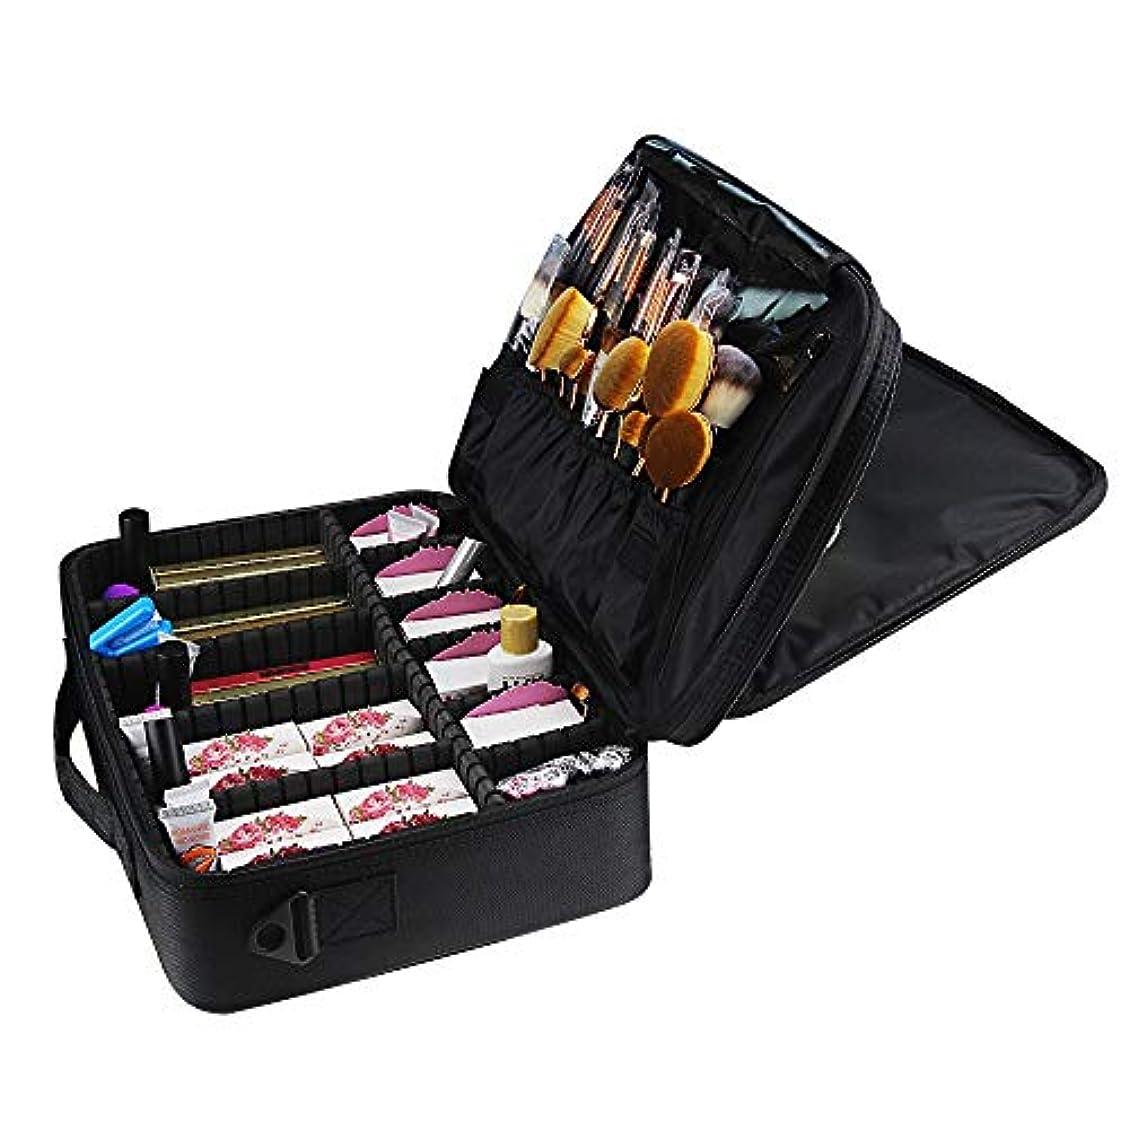 収まる絶対の影響を受けやすいです特大スペース収納ビューティーボックス 女の子および女性のための調節可能な肩ひものディバイダーの収納箱が付いている旅行化粧品袋の革収納袋 化粧品化粧台 (色 : ブラック)